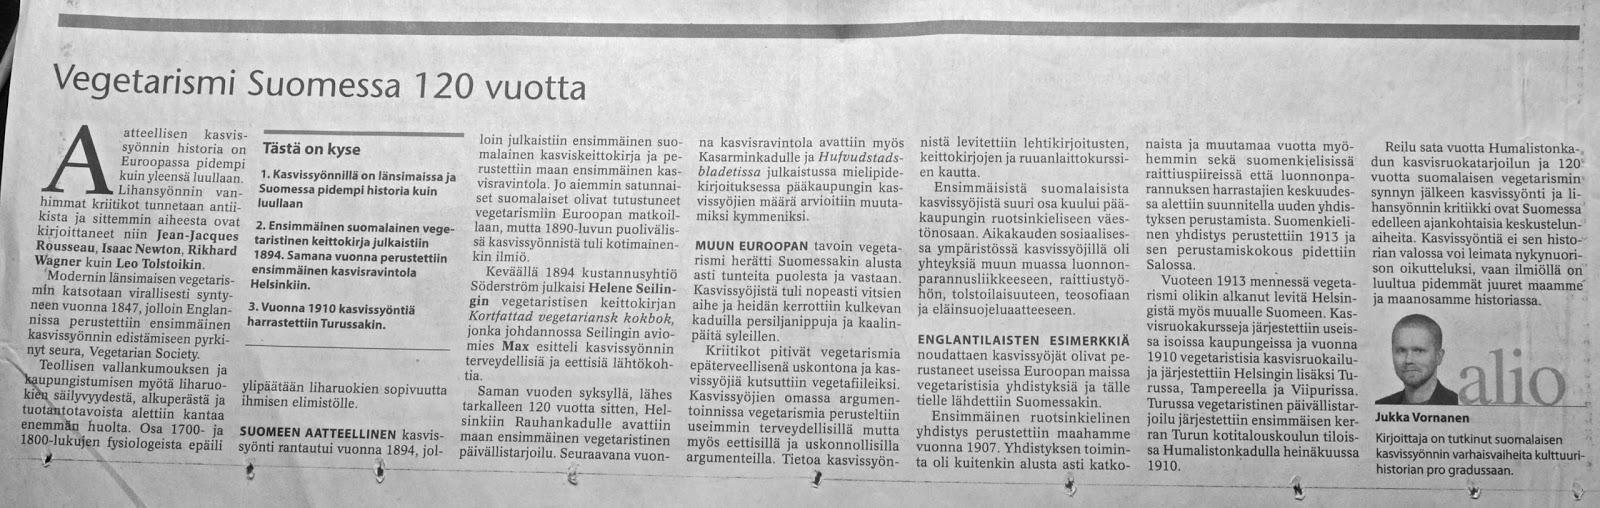 Luonnostelua Aatteellinen Kasvissynti Tuli Suomeen 1894